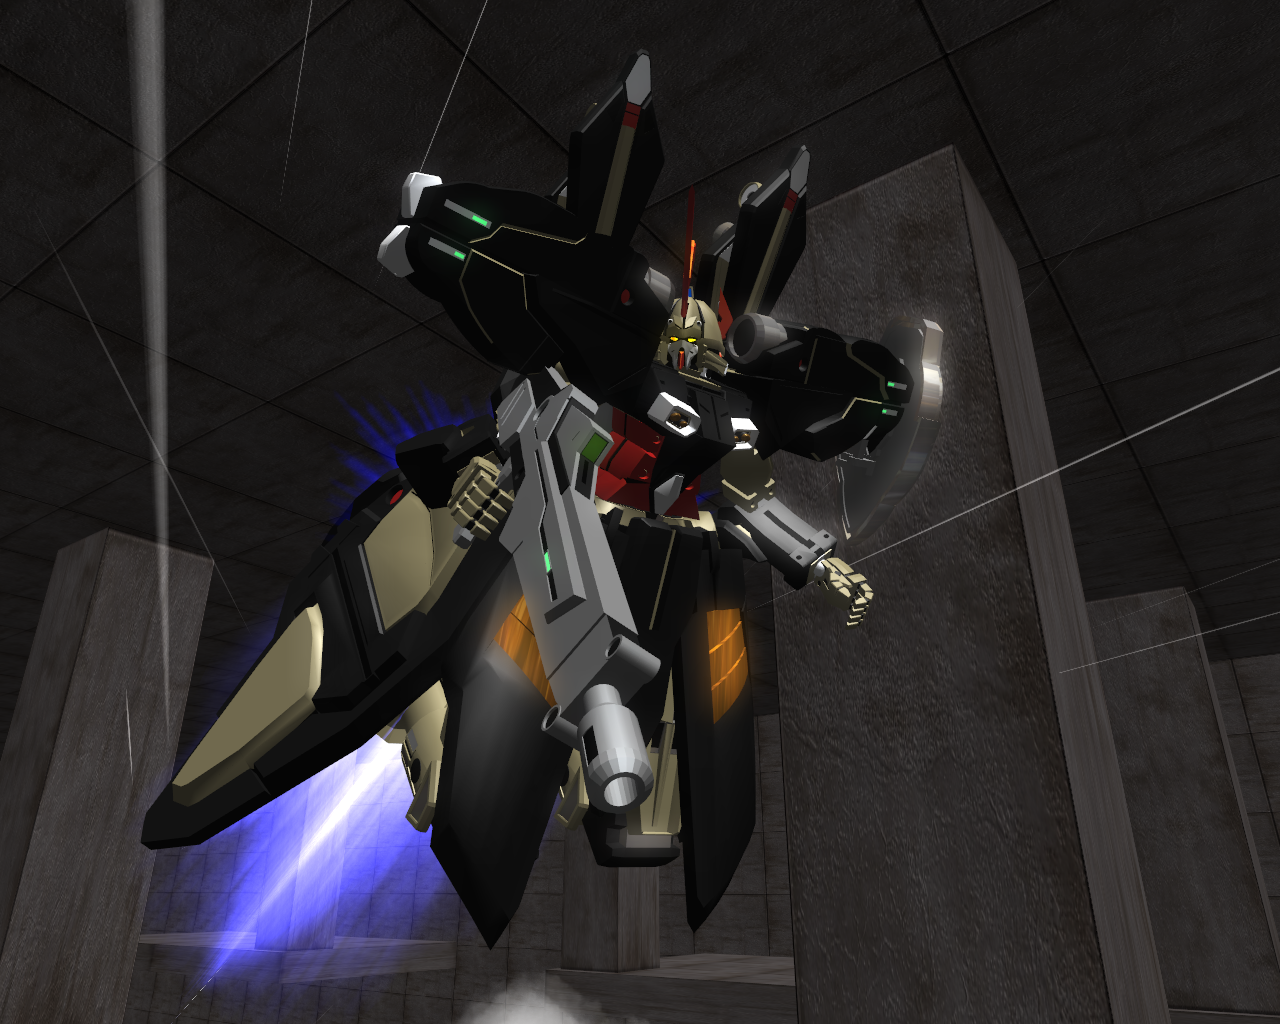 OZ-15AGX Hydra Gundam Completed (MA form) by FlowRellik